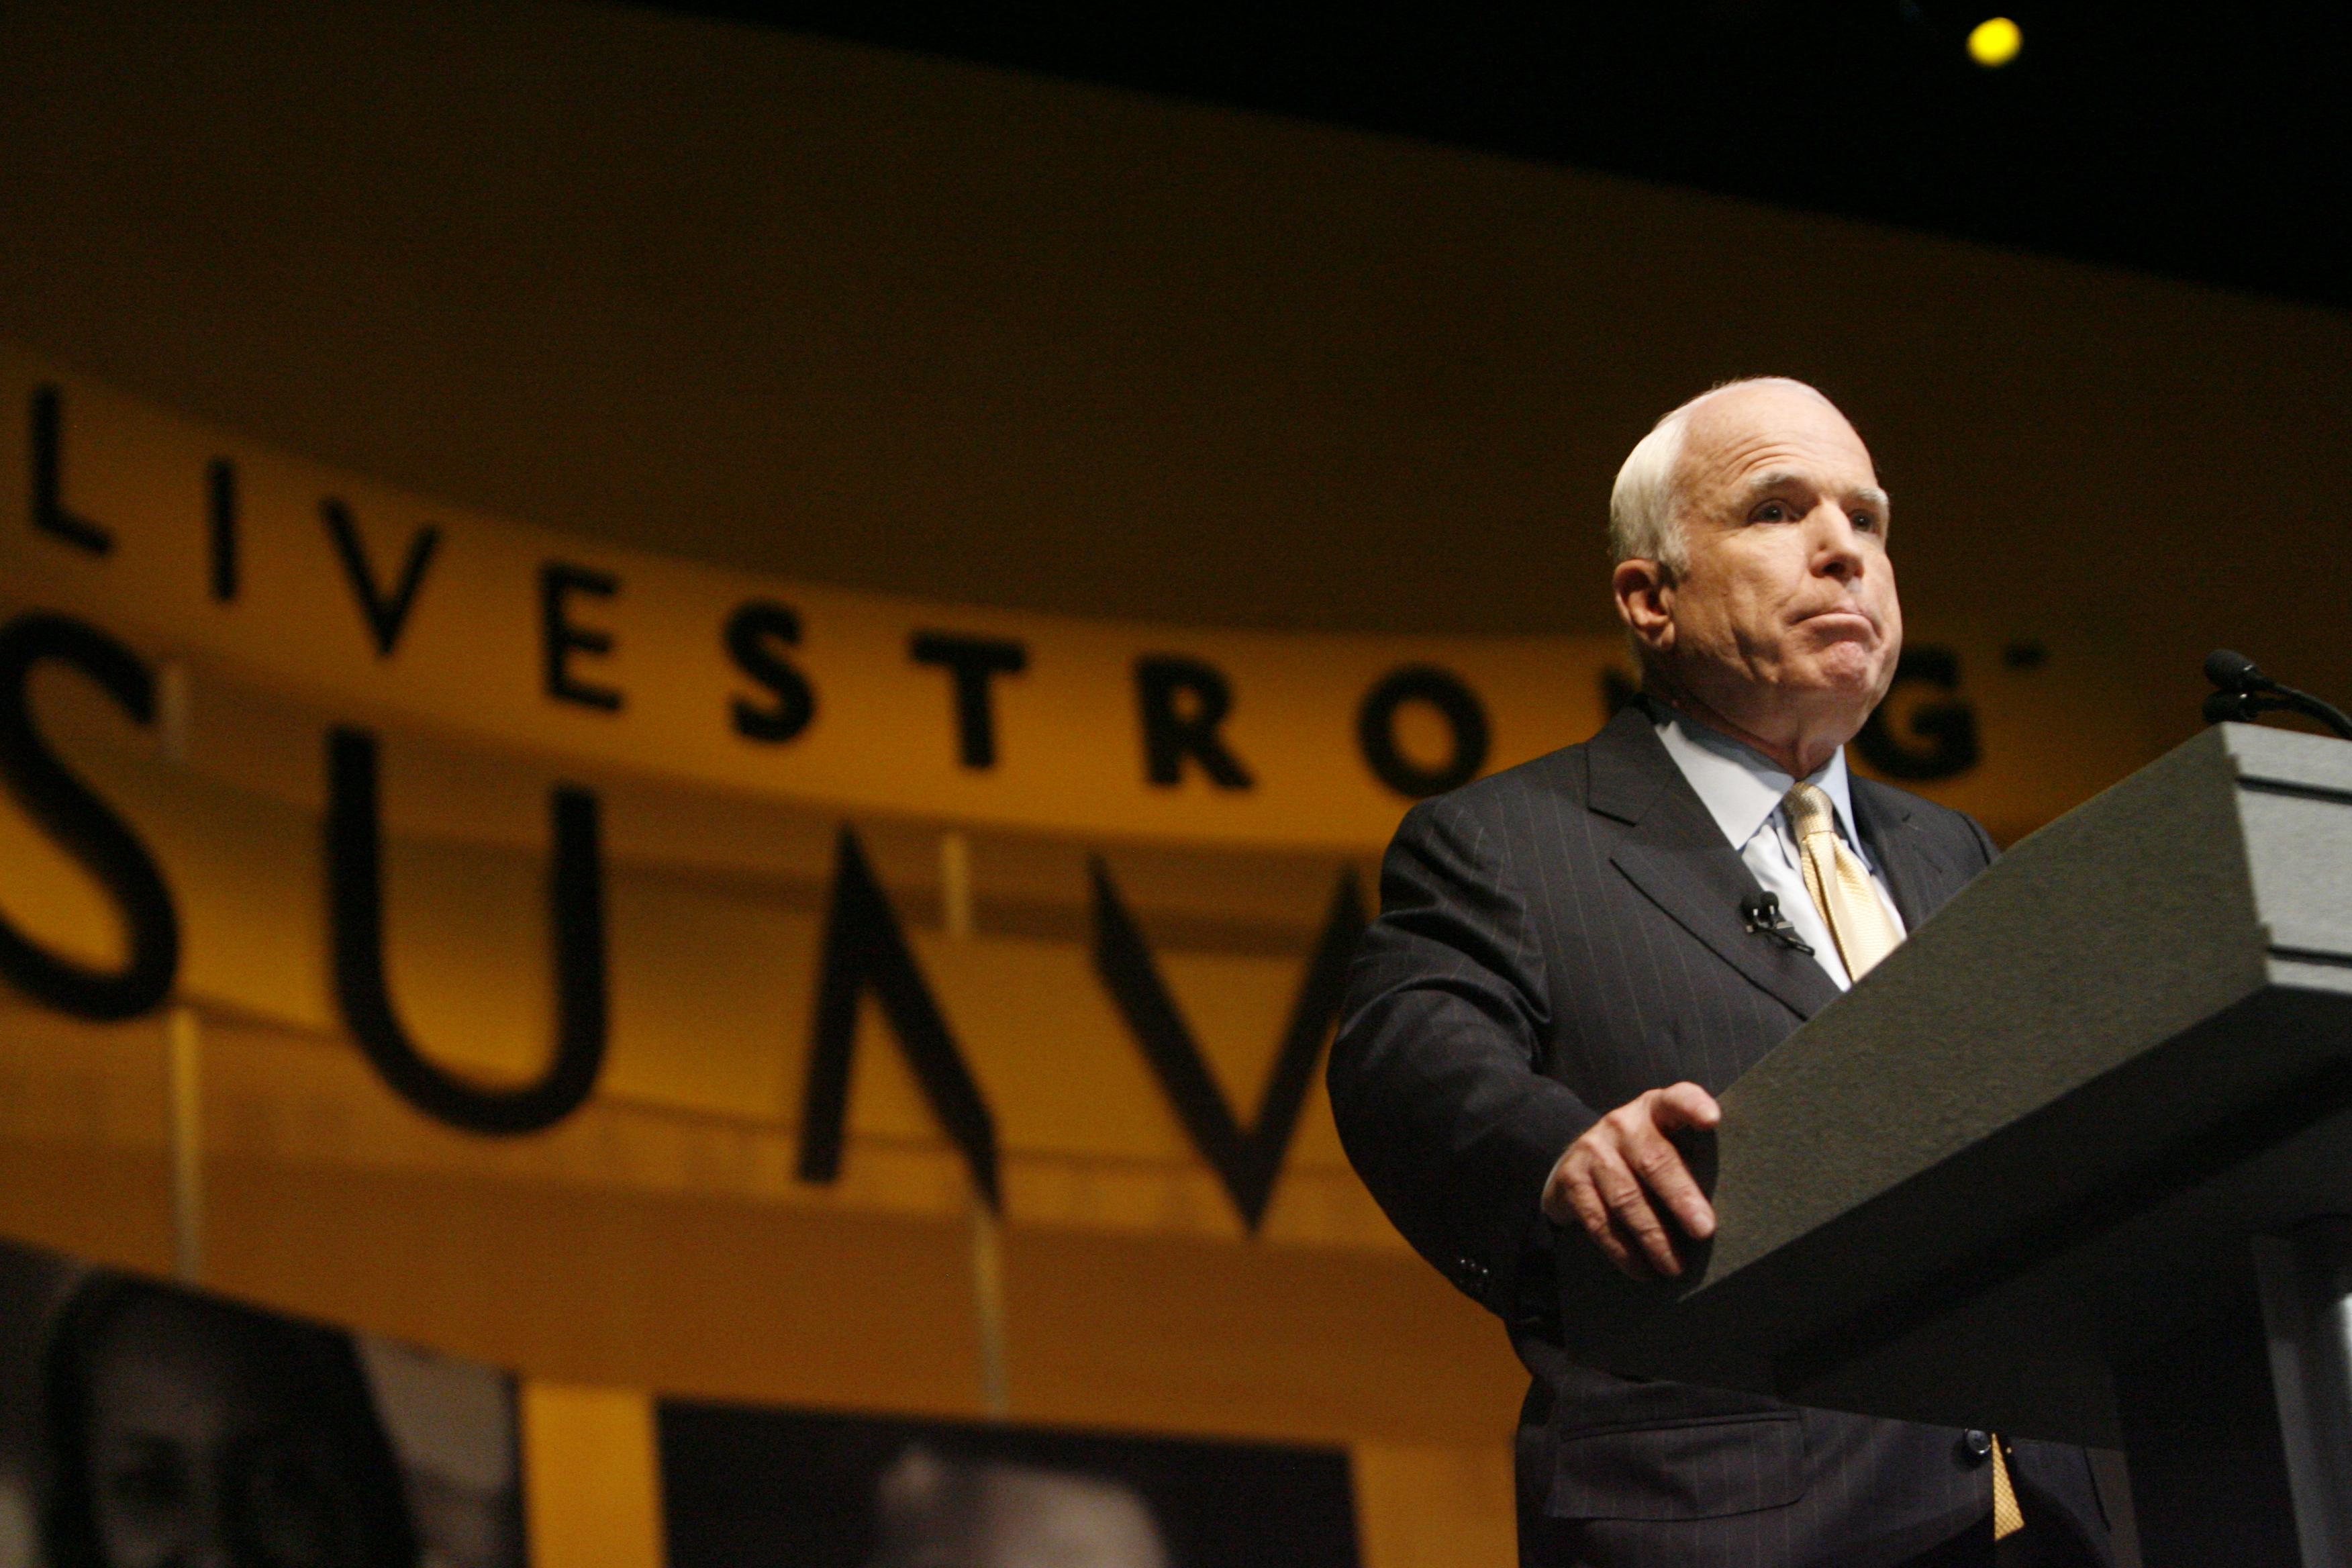 Senator McCain at LIVESTRONG Summit